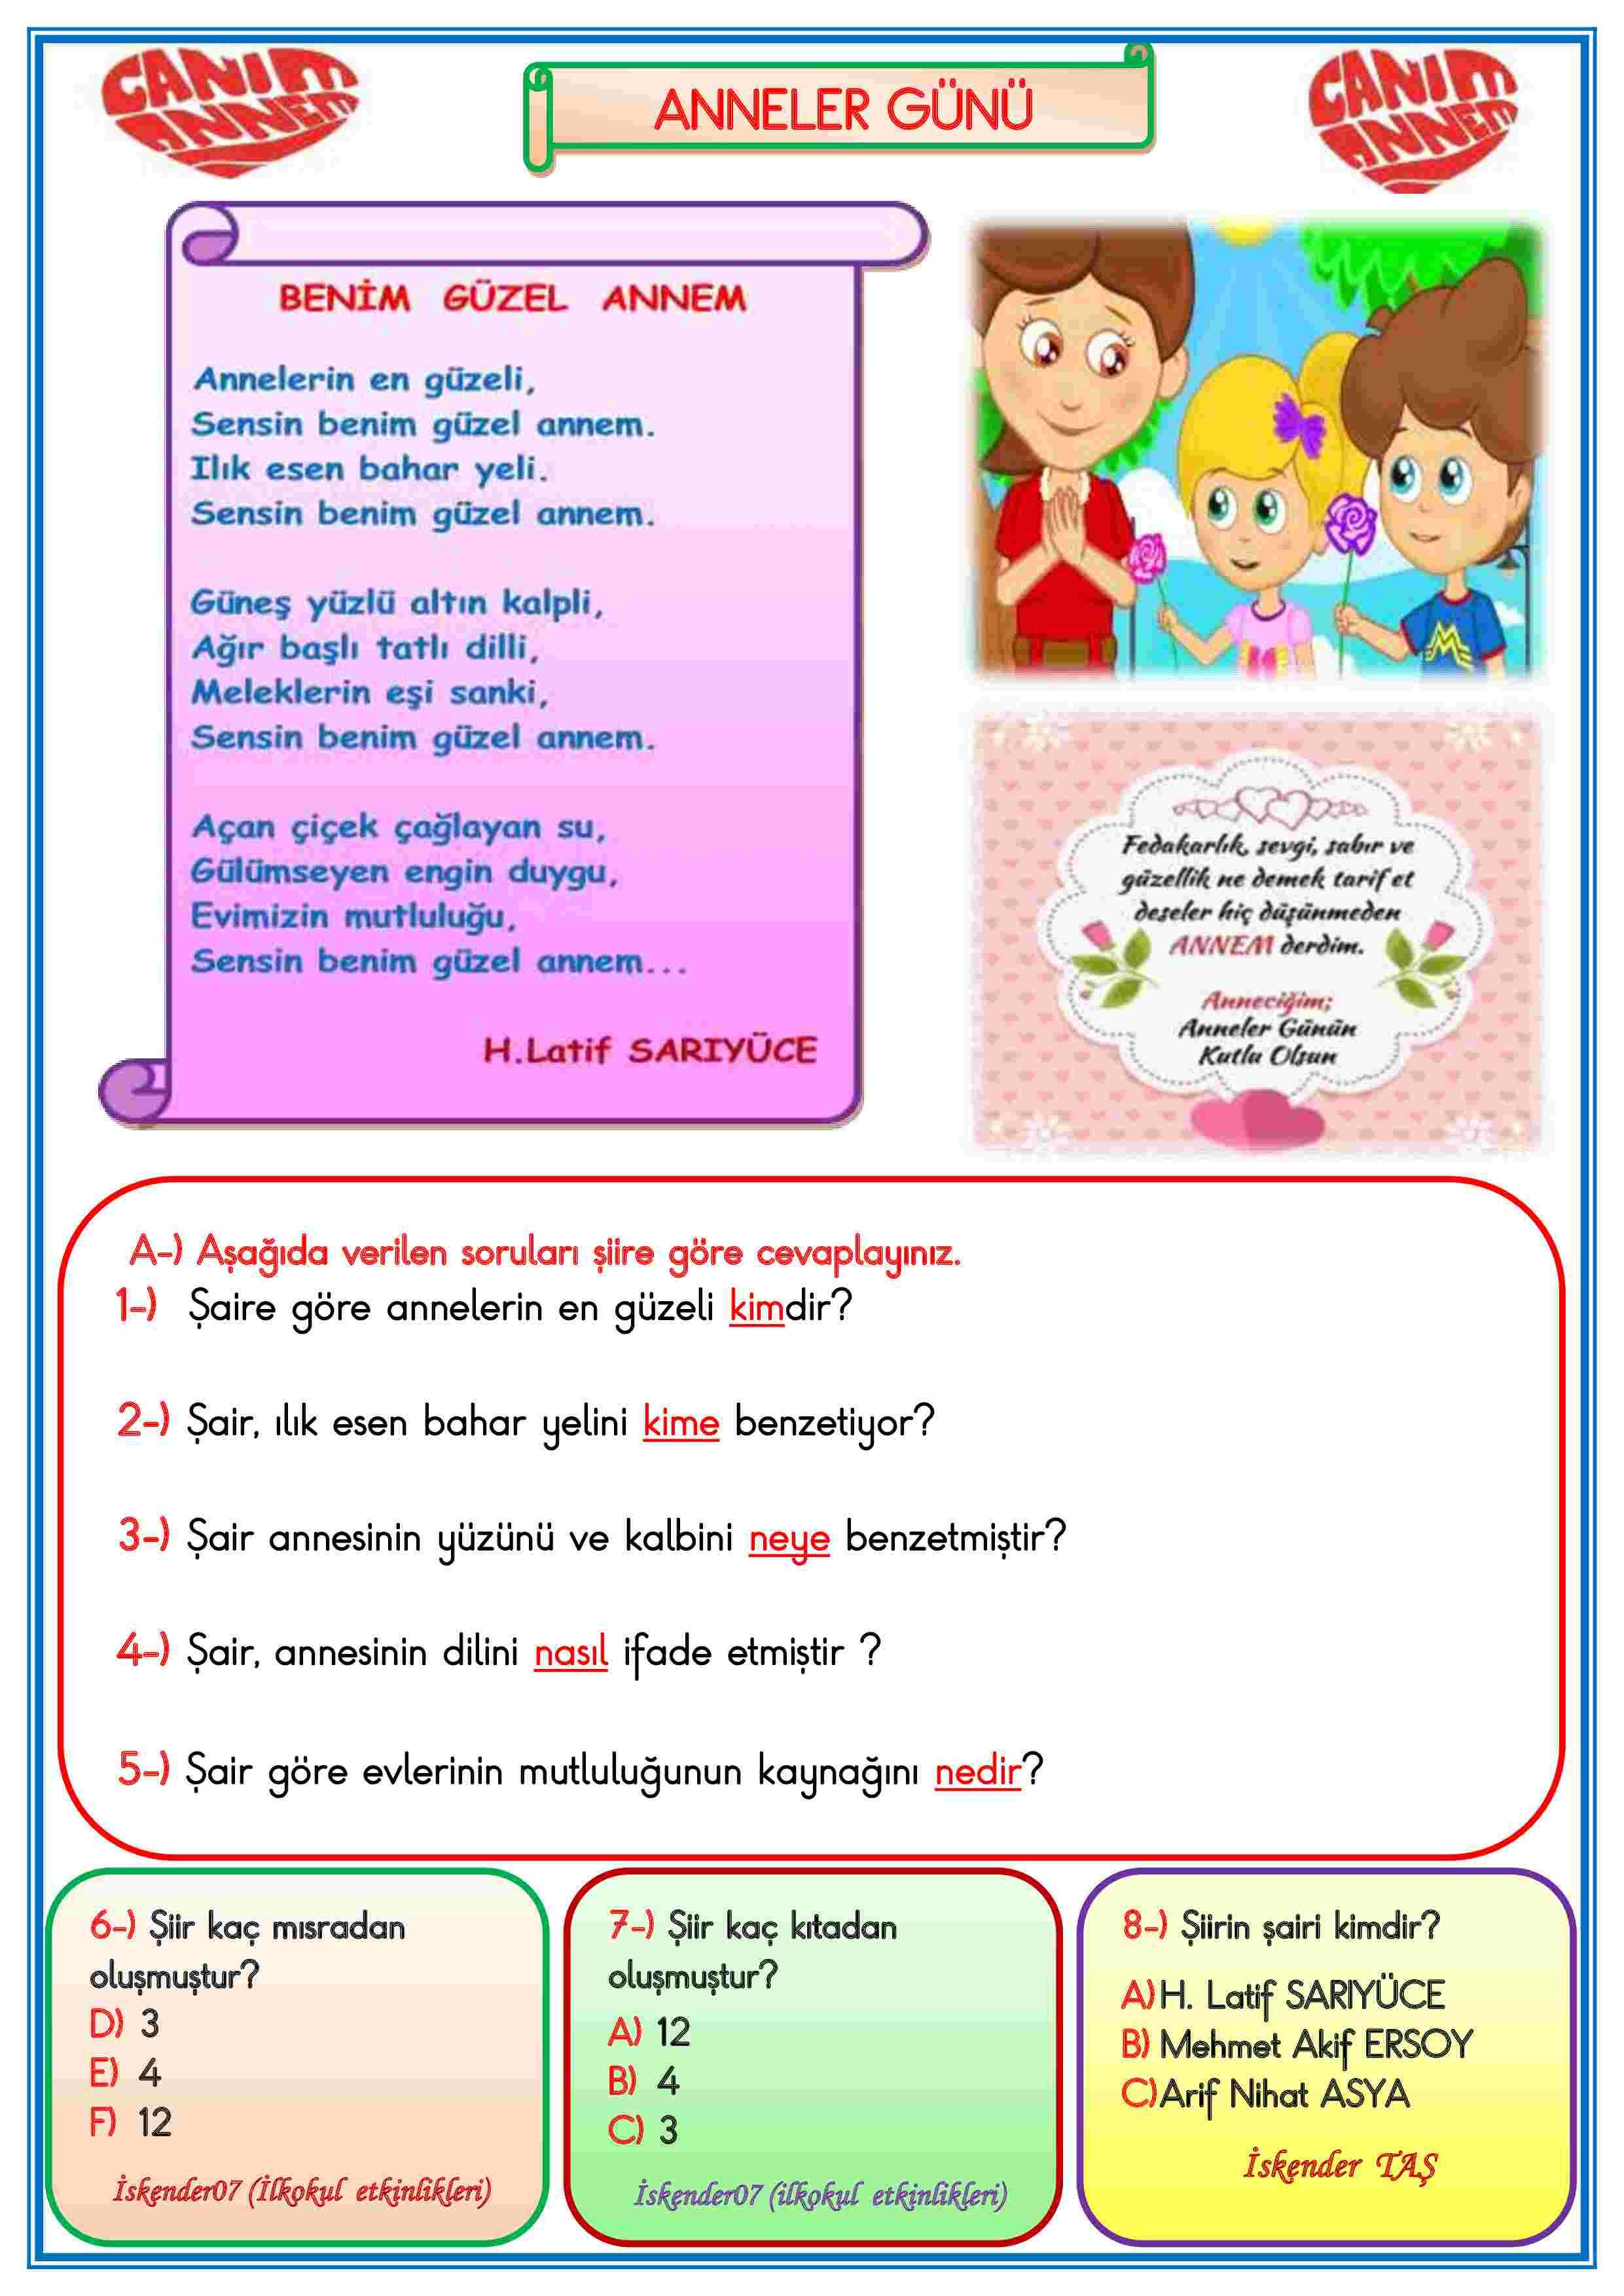 1.SINIF ANNELER GÜNÜ BENİM GÜZEL ANNEM ŞİİRİ  (2 SAYFA)